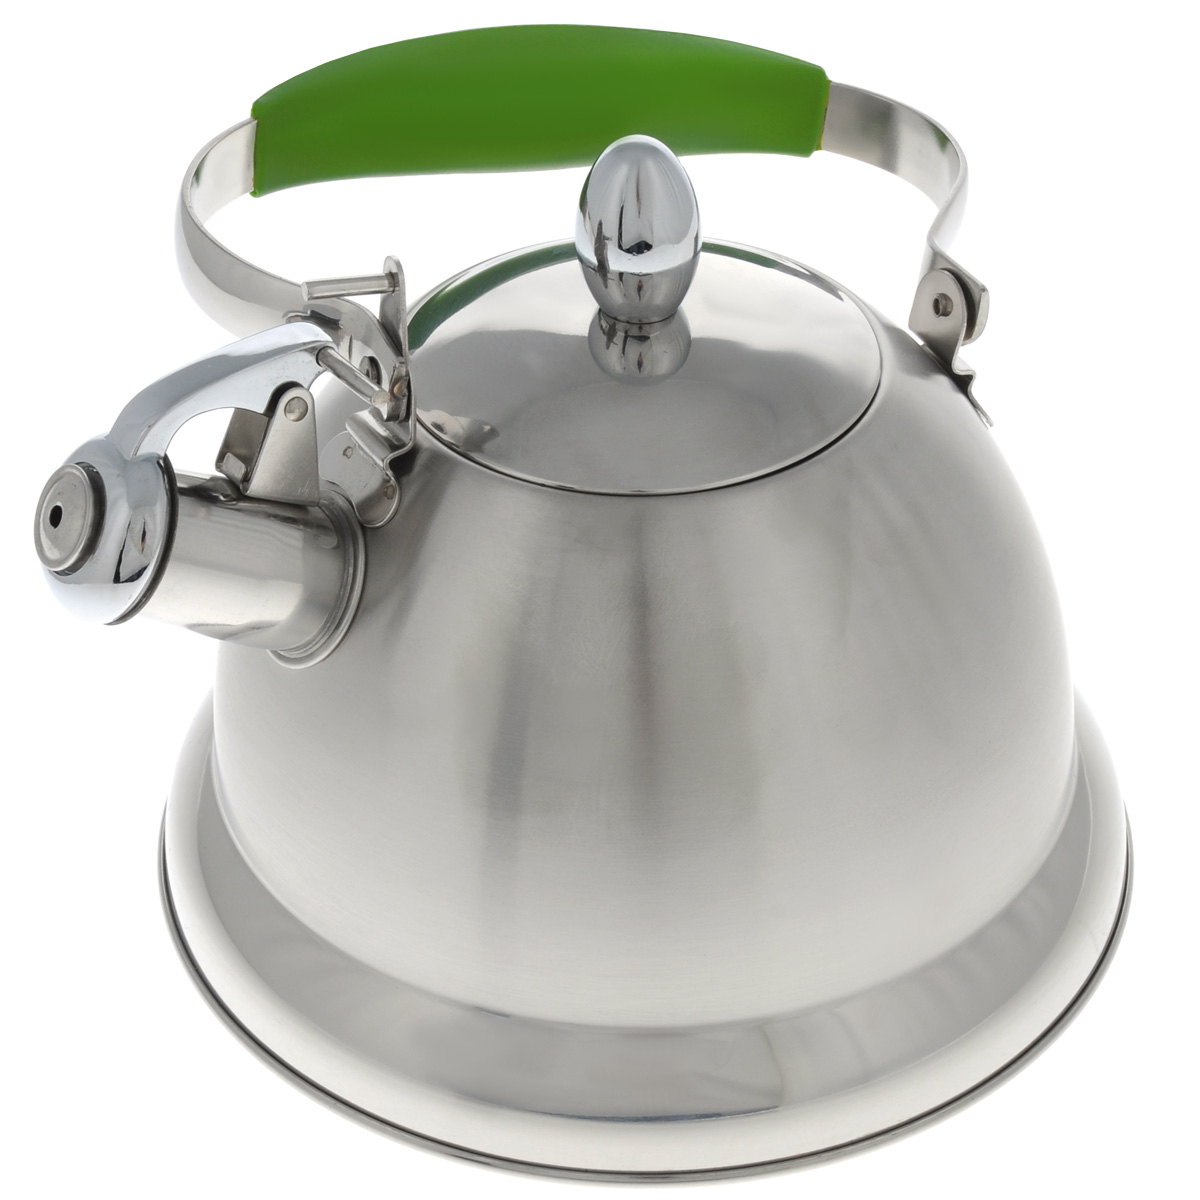 Чайник Mayer & Boch, со свистком, цвет: салатовый, стальной, 3 л. 23206115510Чайник Mayer & Boch выполнен из высококачественной нержавеющей стали, что обеспечивает долговечность использования. Сочетание матовой и глянцевой поверхности придает посуде эстетичный внешний вид. Ручка оснащена силиконовой вставкой для предотвращения ожогов на руках. Чайник снабжен свистком и устройством для открывания носика. Можно мыть в посудомоечной машине. Пригоден для газовой, электрической, стеклокерамической, галогеновой плиты.Диаметр (по верхнему краю): 10 см. Высота чайника (без учета крышки и ручки): 14 см.Диаметр основания: 22 см.